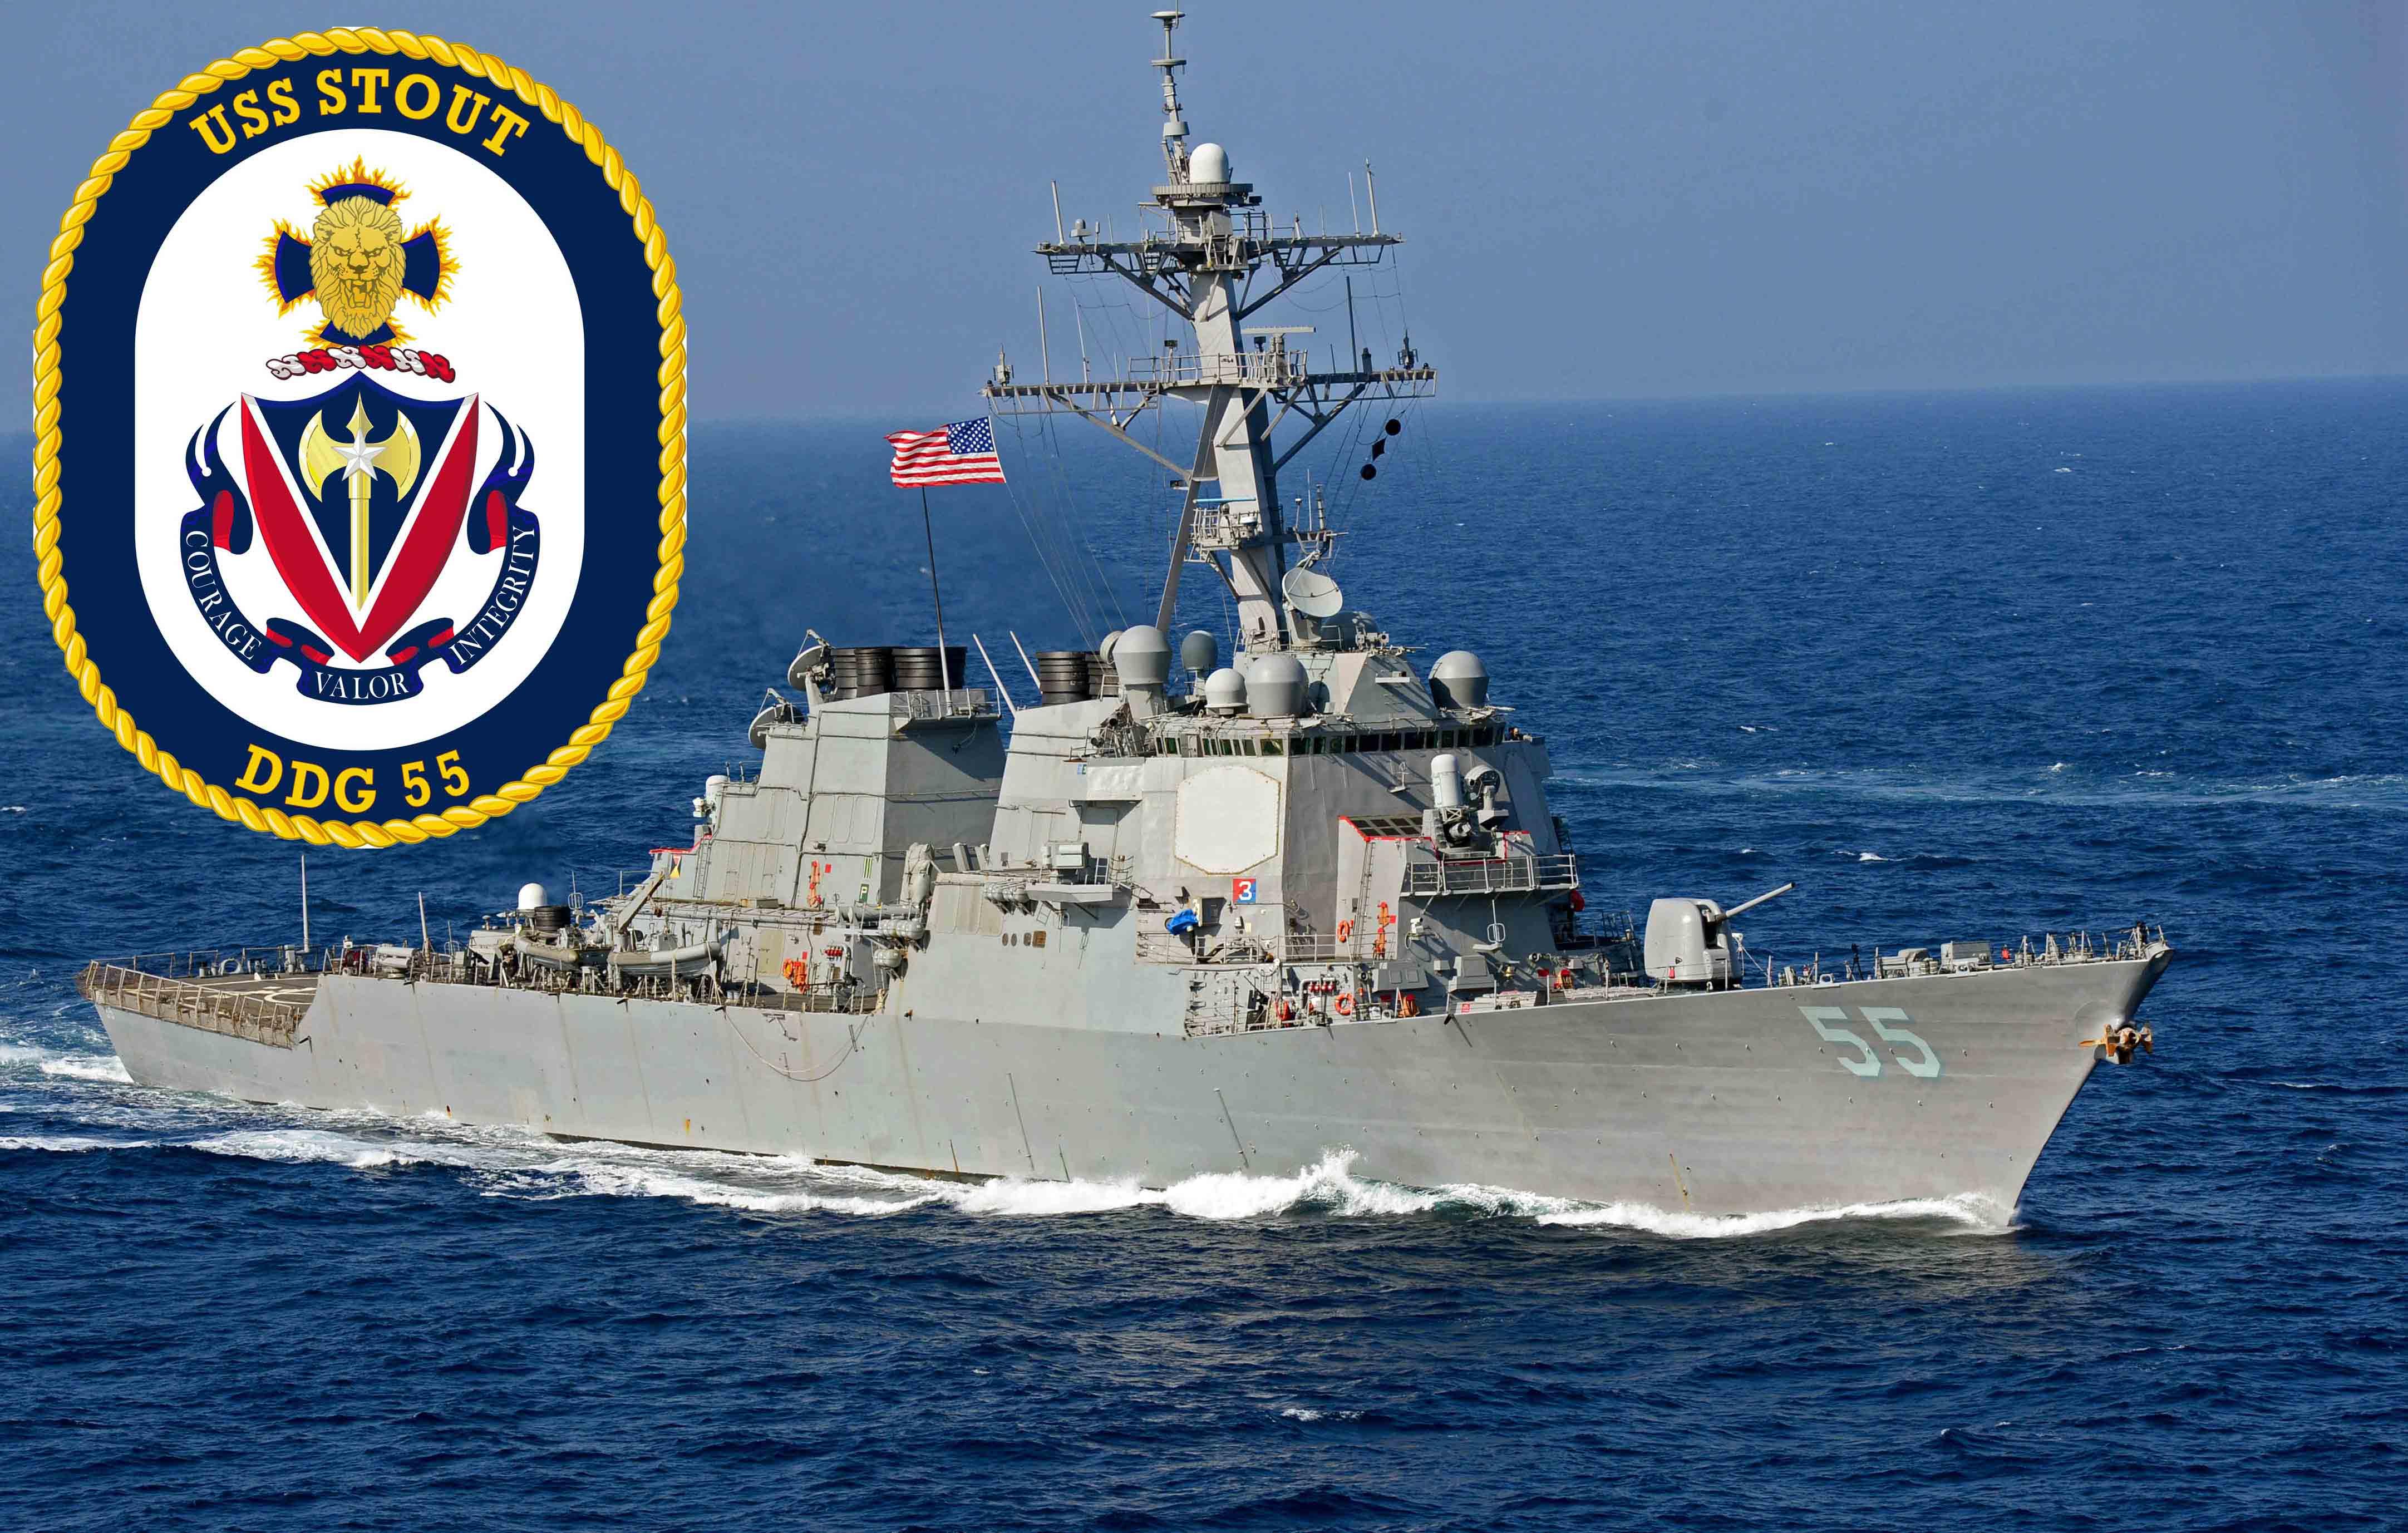 USS STOUT DDG-55 Bild und Grafik: U.S. Navy